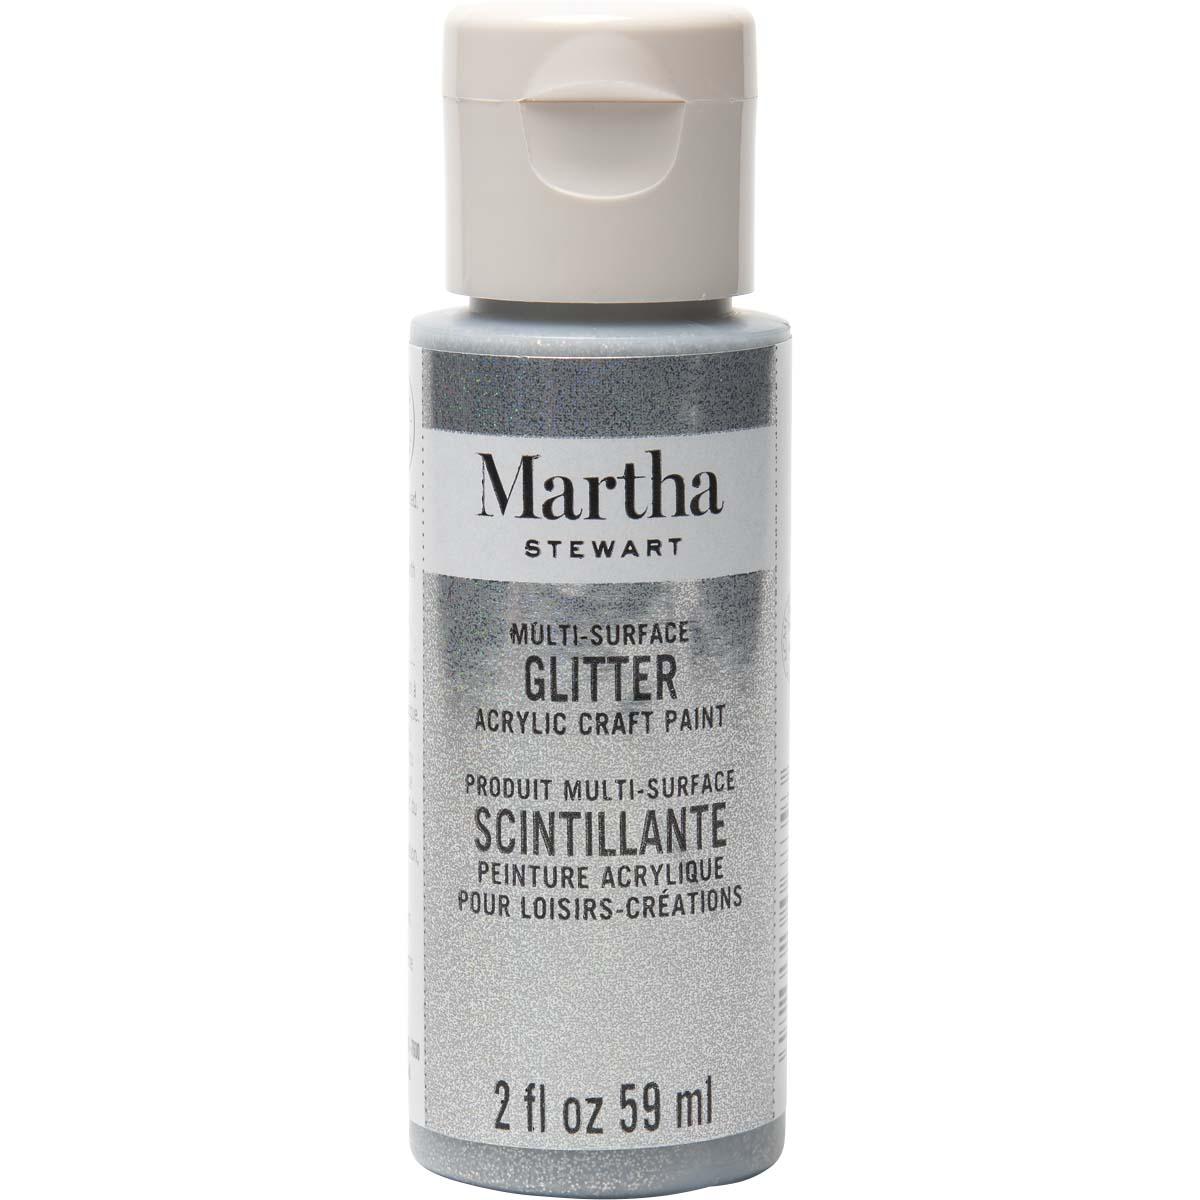 Martha Stewart® 2oz Multi-Surface Glitter Acrylic Craft Paint - Sterling